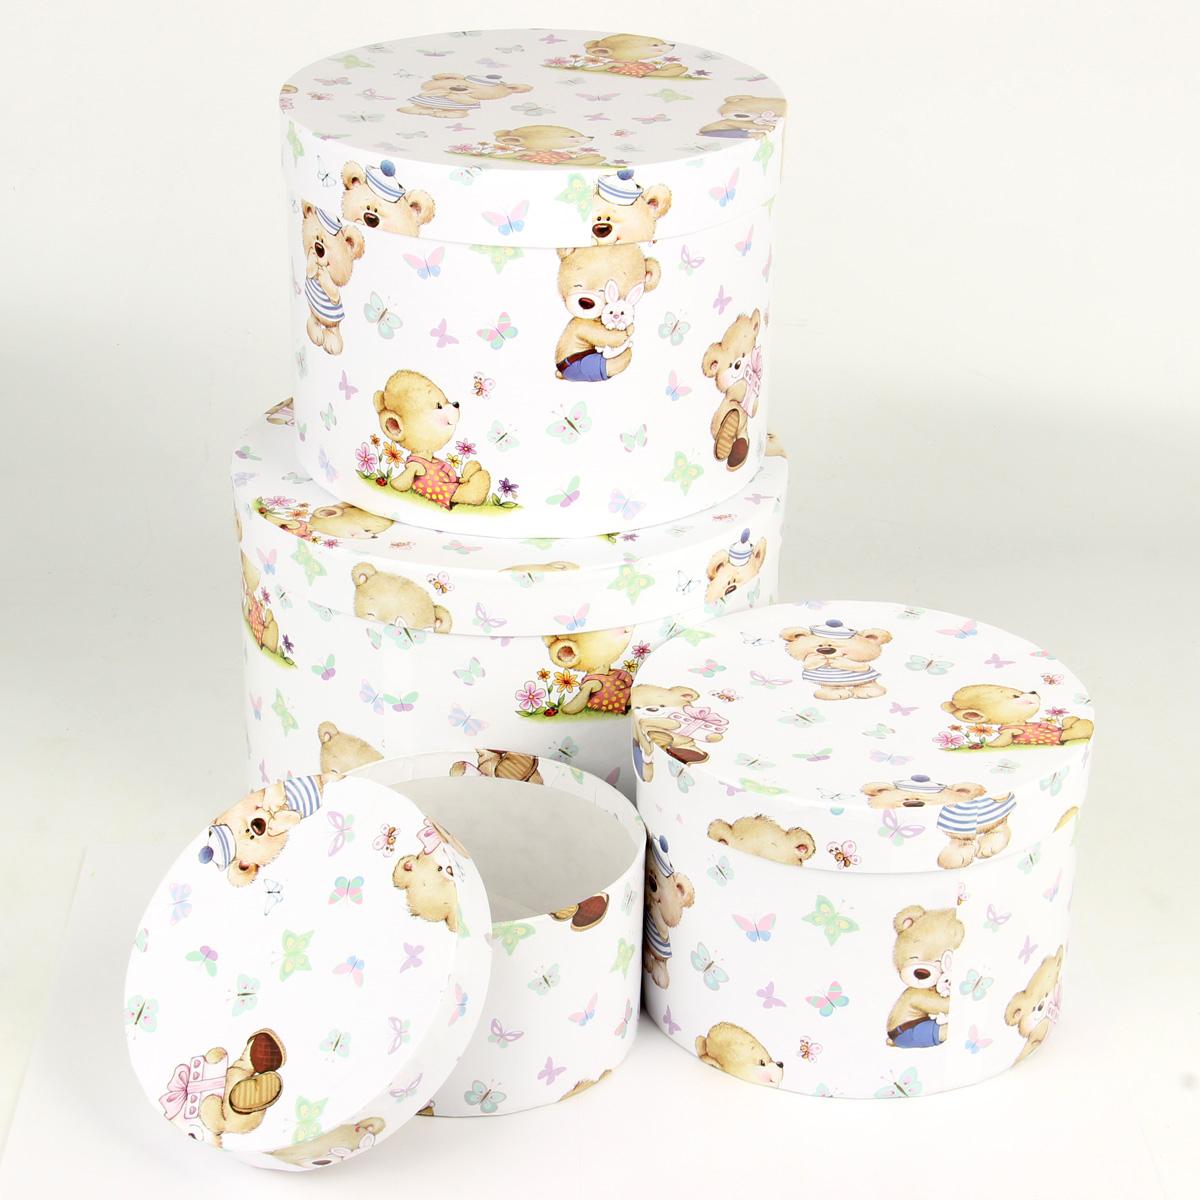 Набор подарочных коробок Veld-Co Миром правит доброта, круглые, 4 шт. 67708 набор подарочных коробок veld co грезы путешественника 11 шт